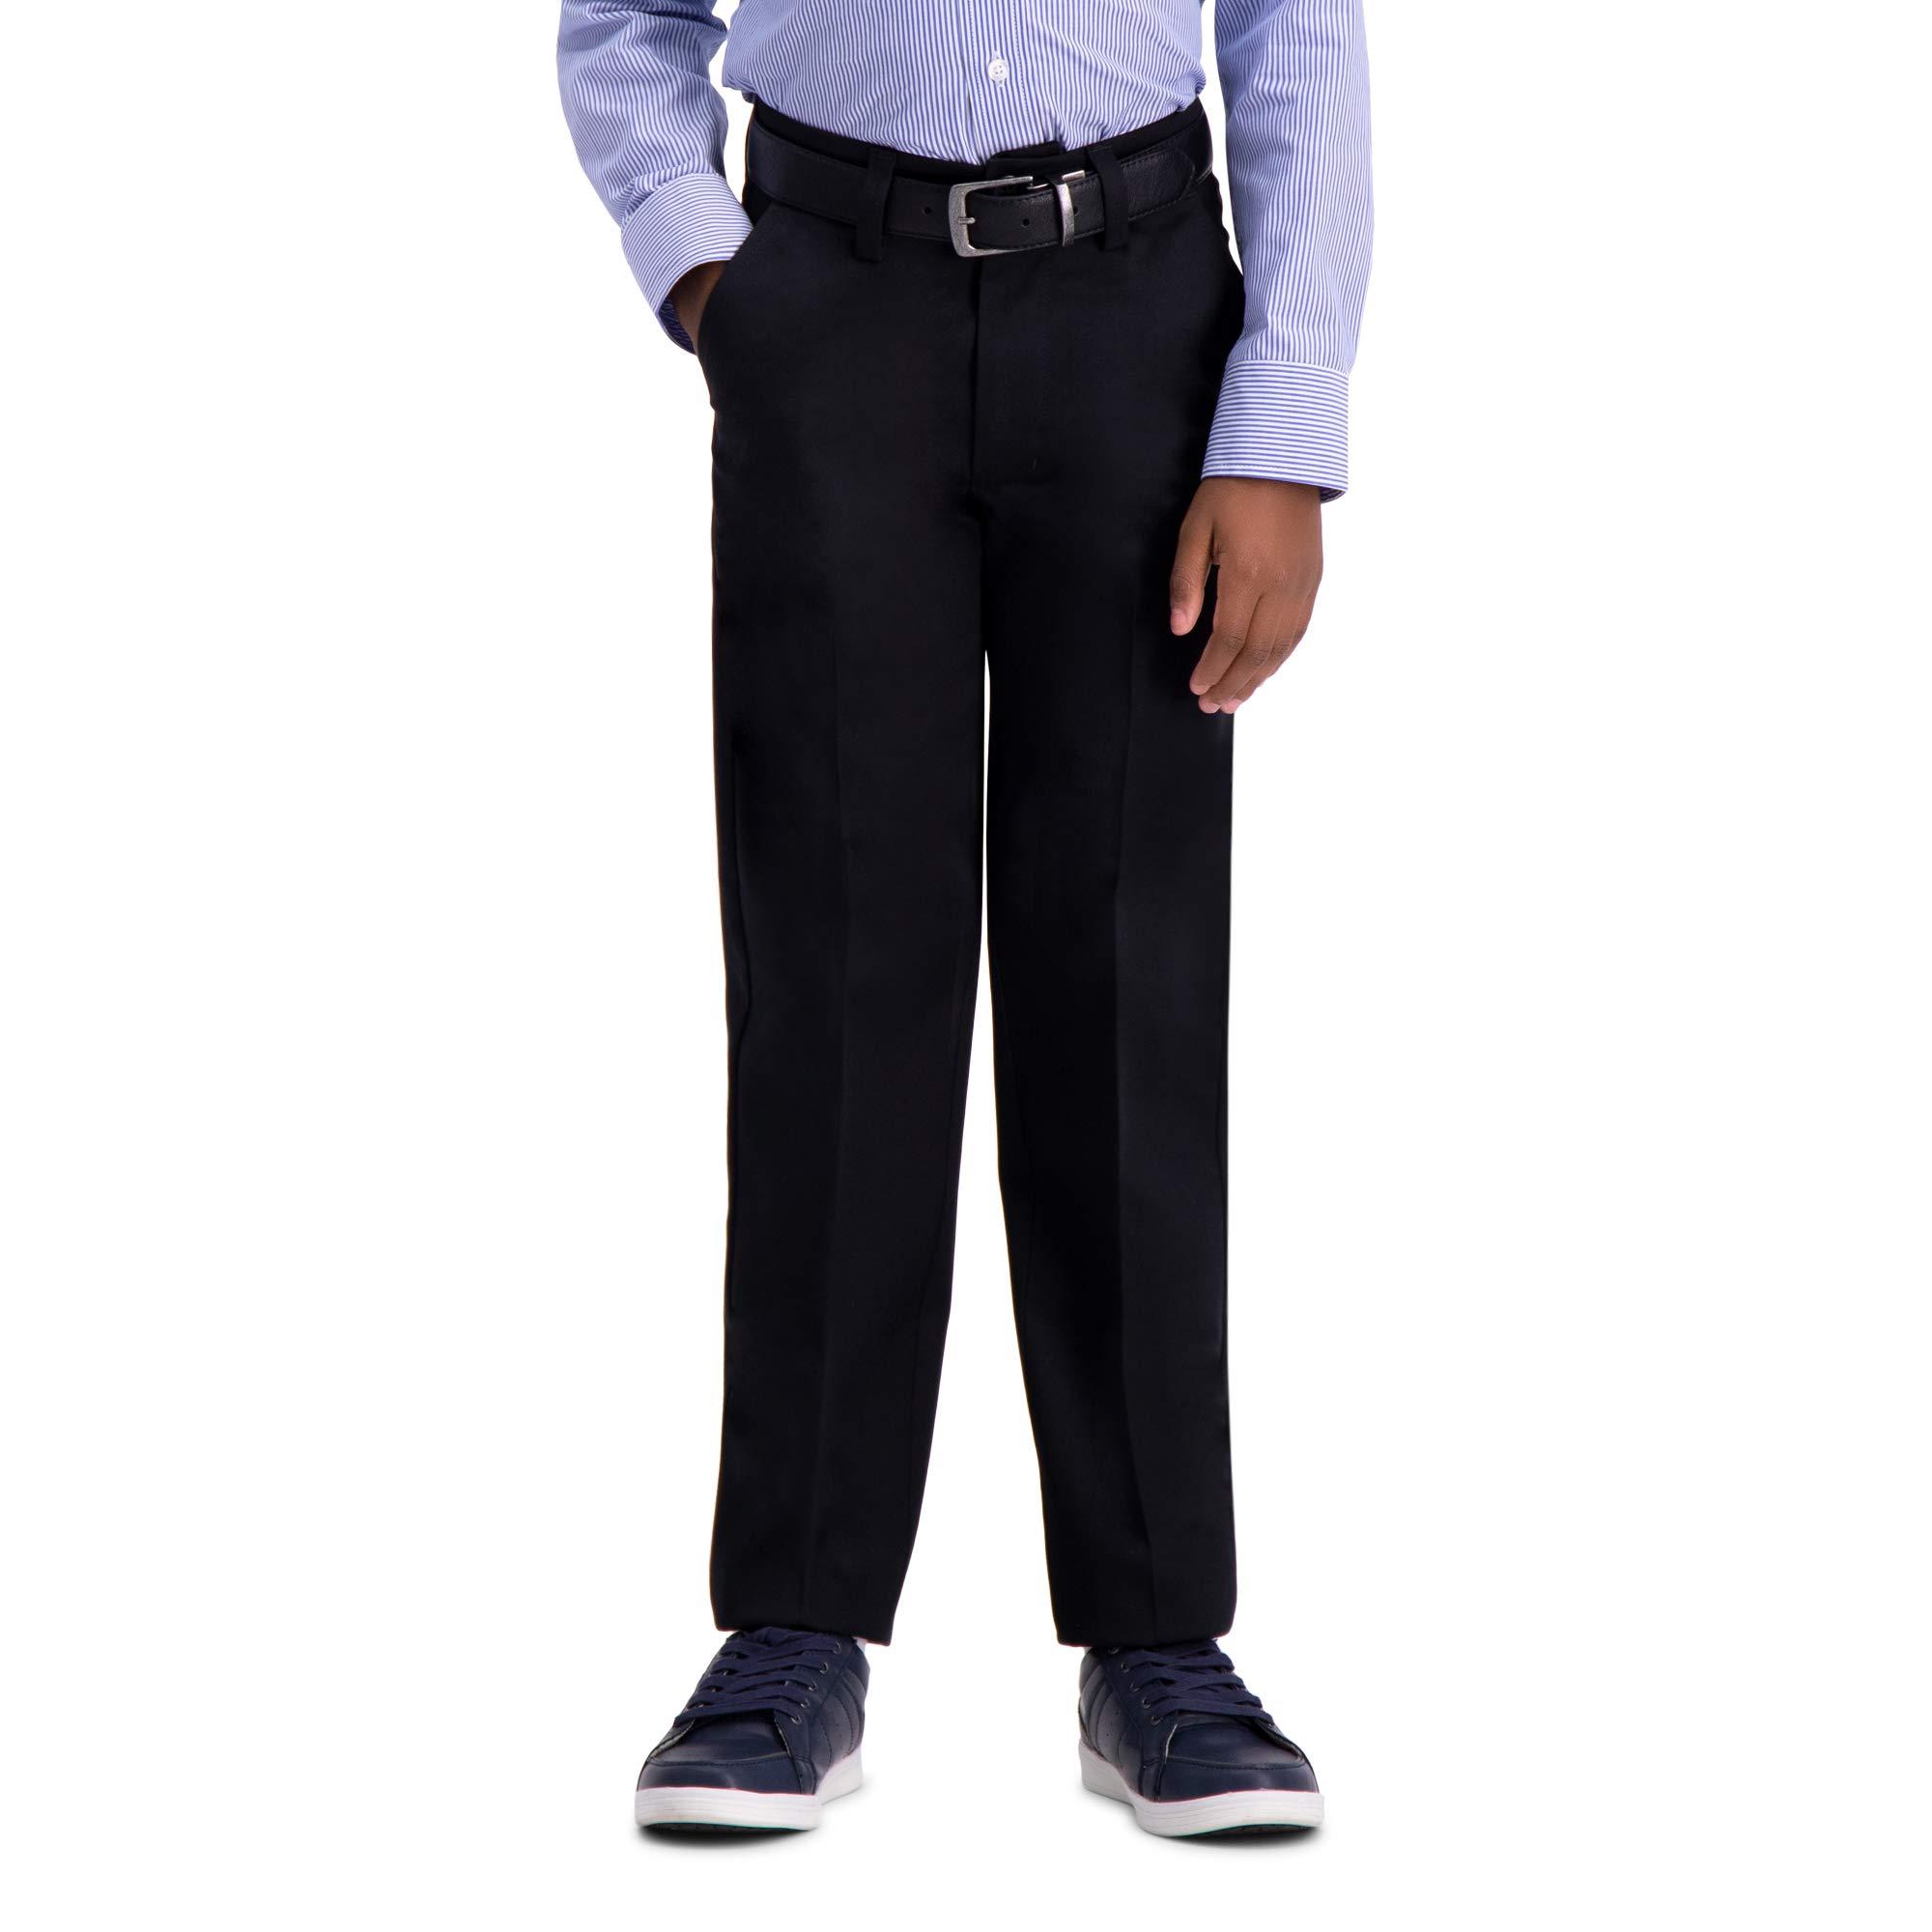 Haggar Big Boy's Youth Slim 8-20 Premium No Iron Khaki Pant, Black, 8 SLM by Haggar (Image #1)